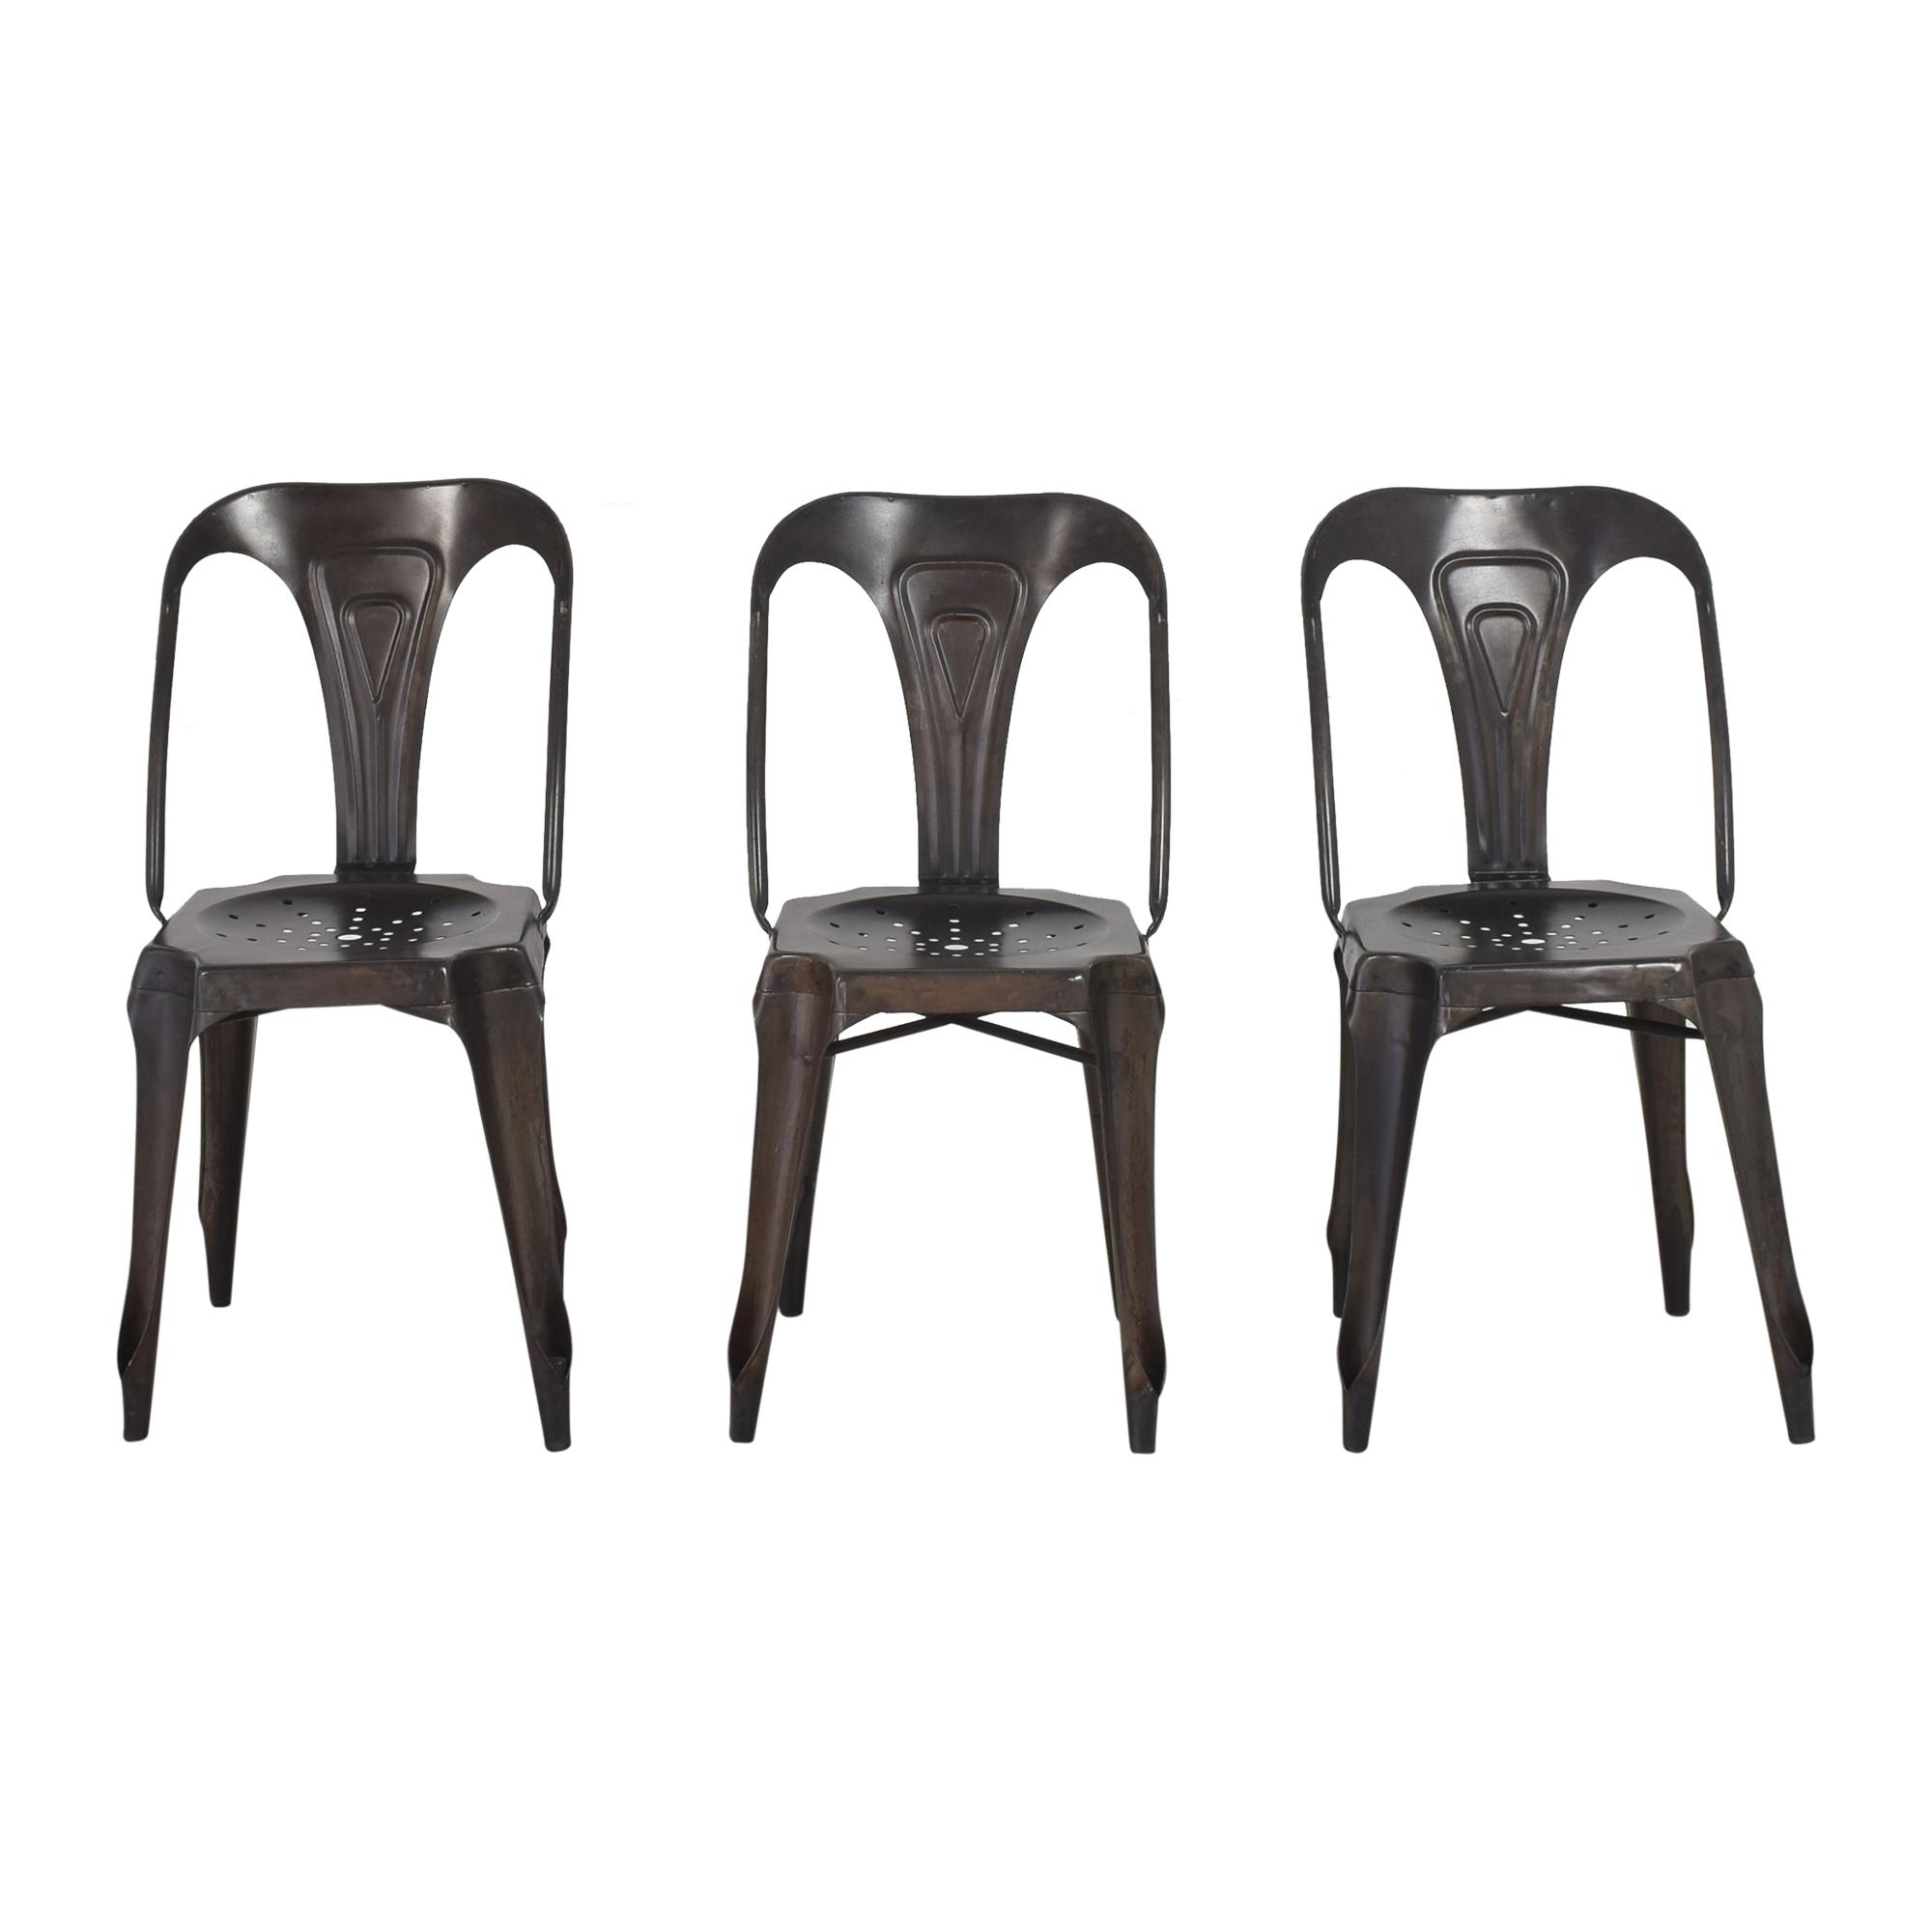 Maison du Monde MULTIPL's Industrial Chairs sale